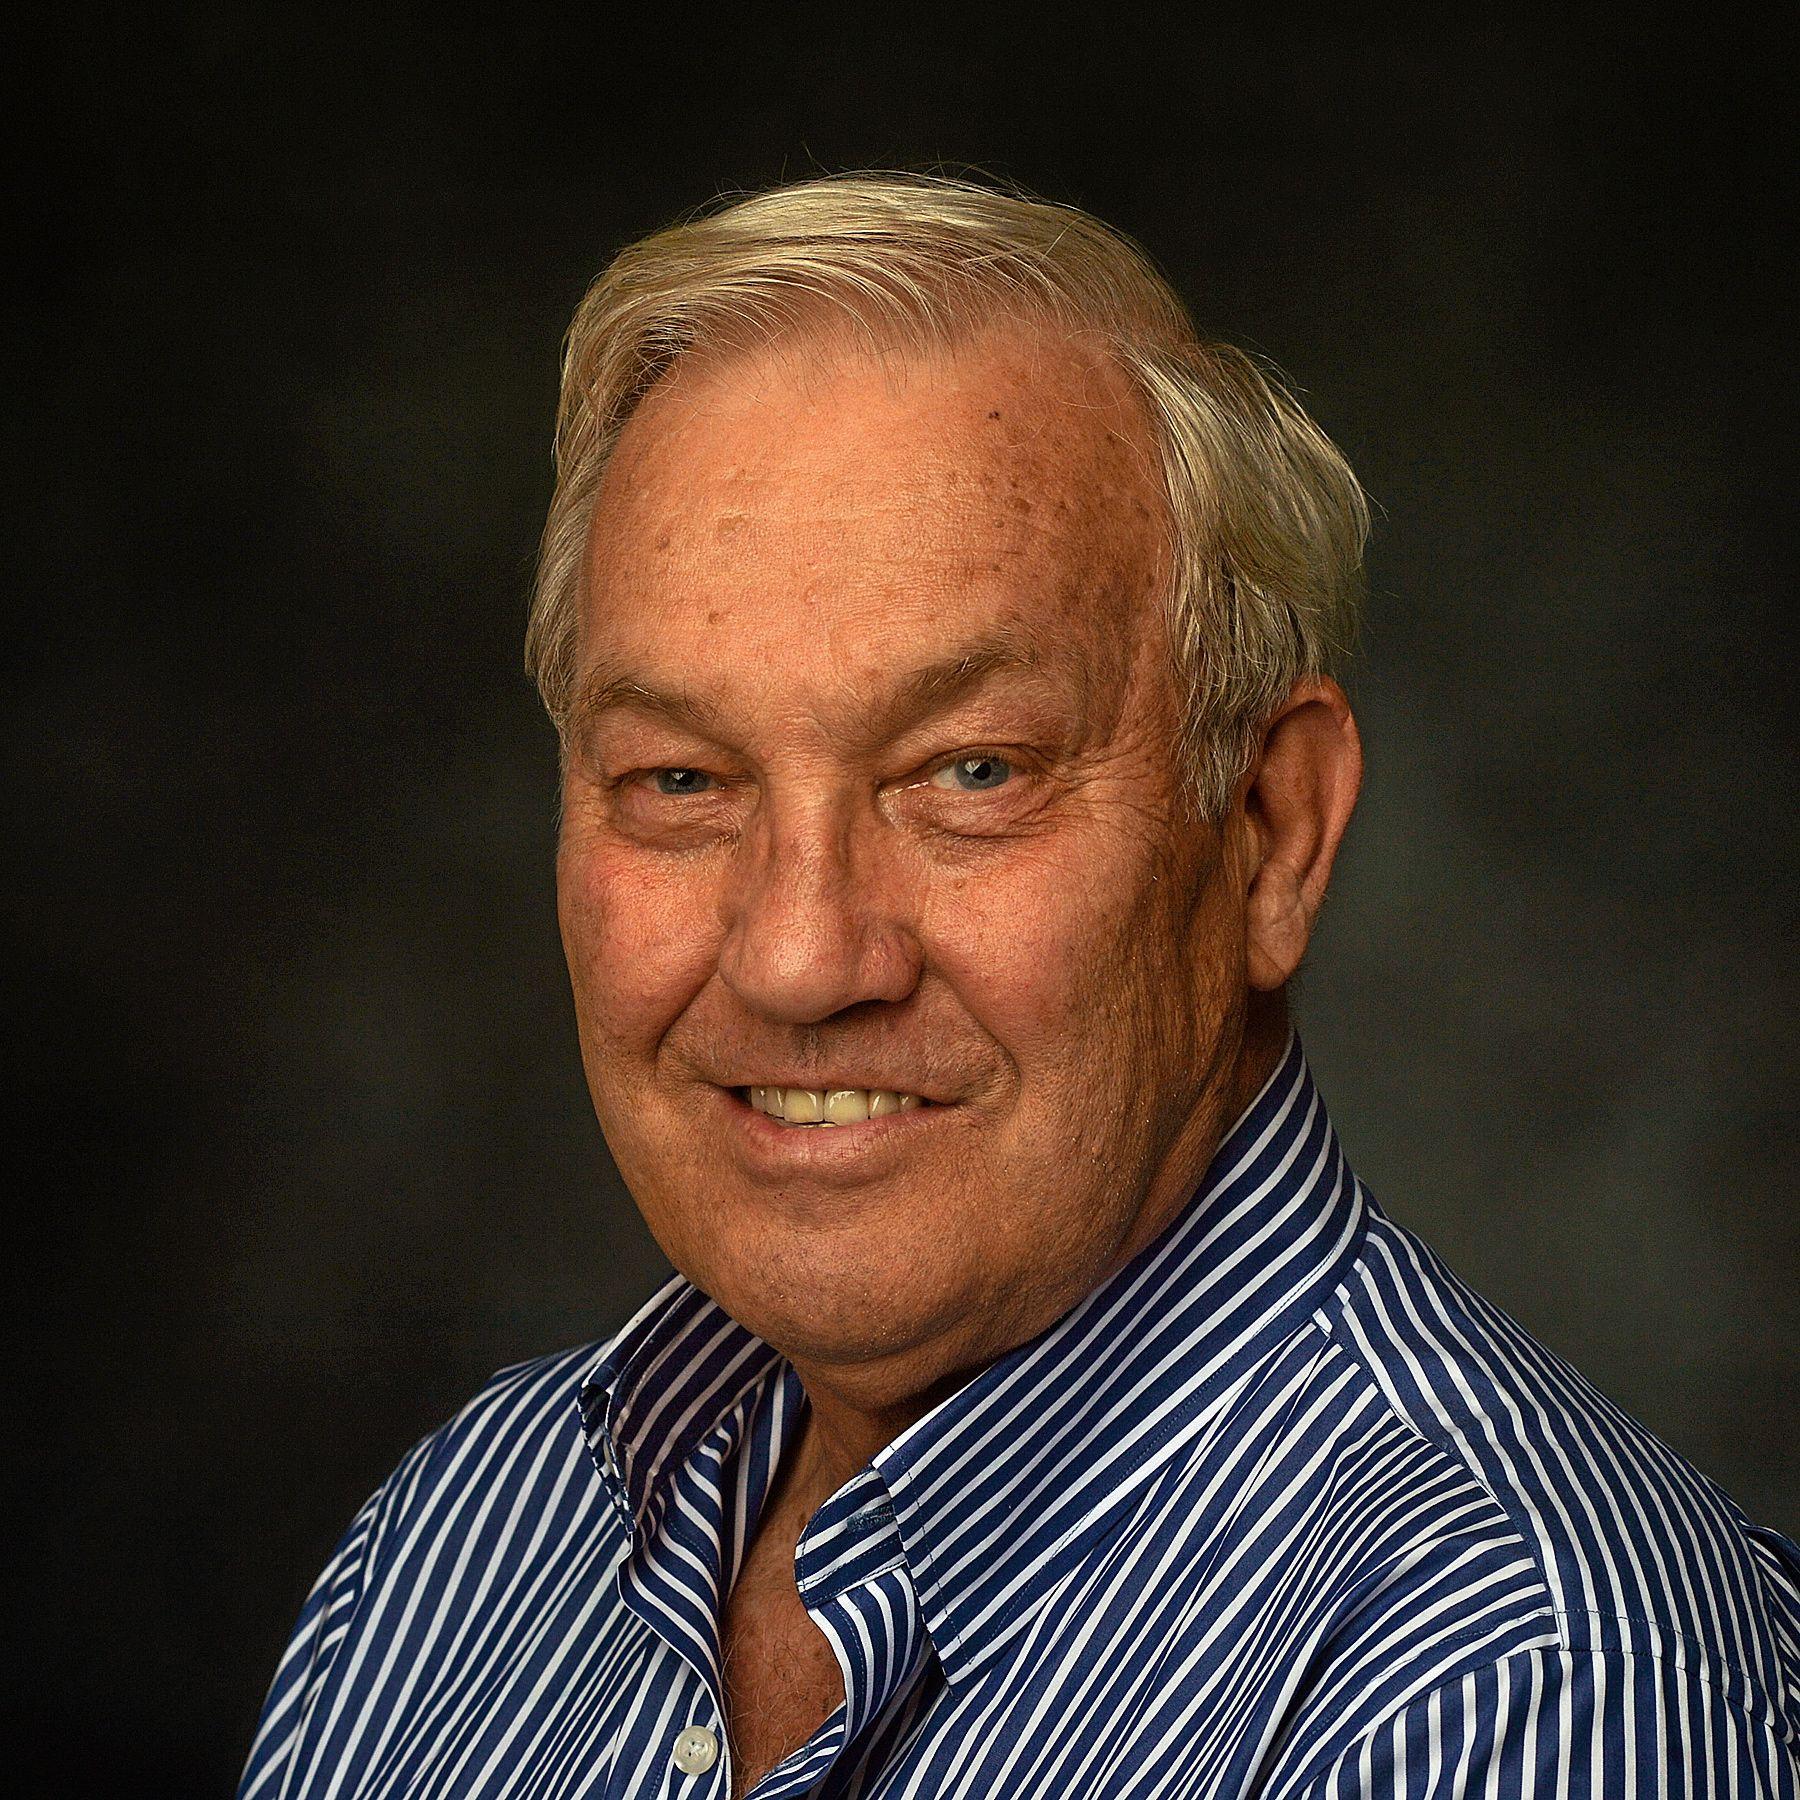 Dr. Larry Bedard